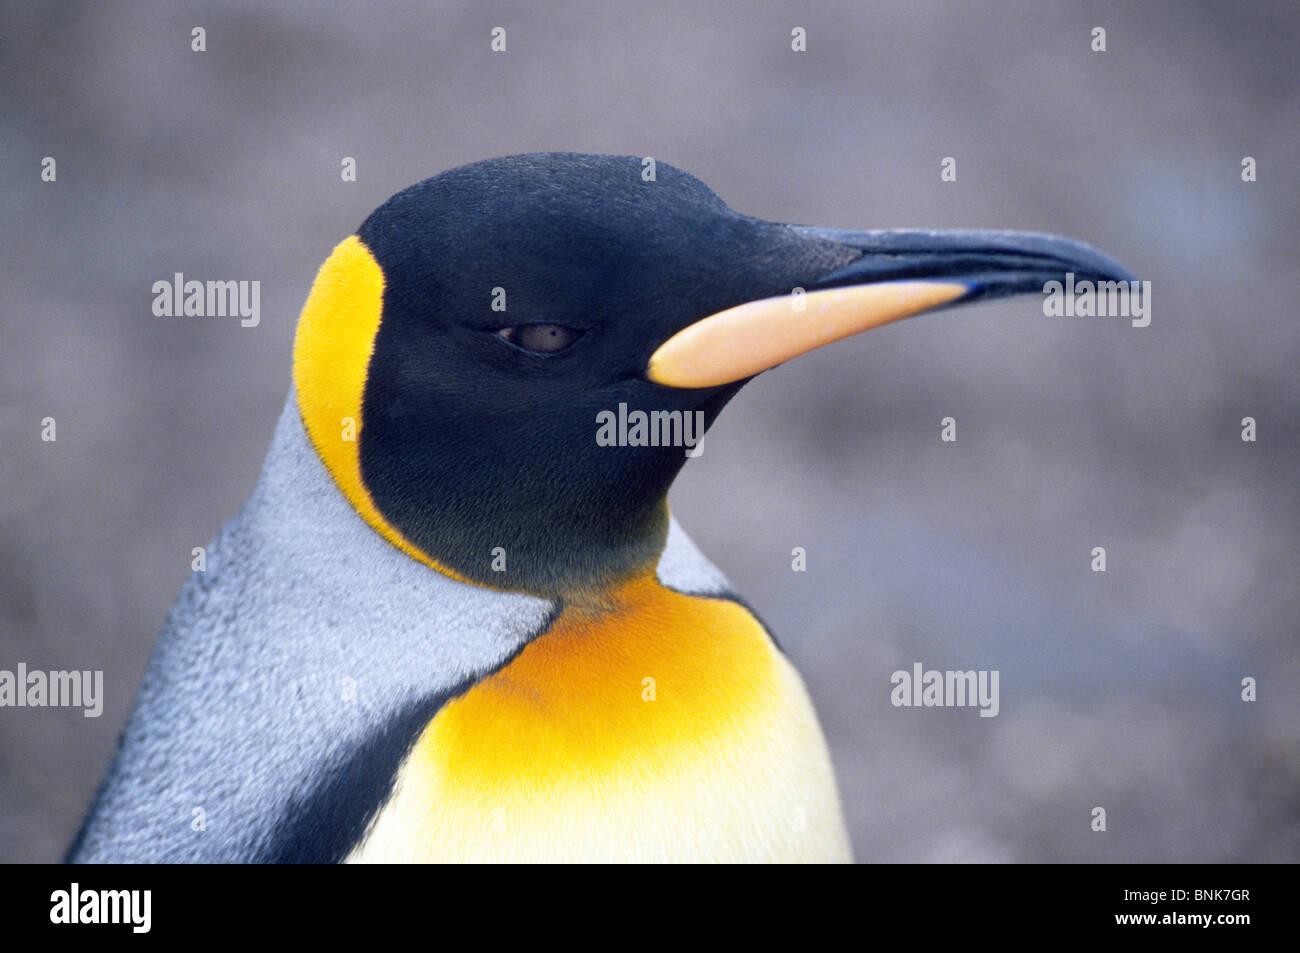 Plumage orange sur la tête et la poitrine identifier les manchots royaux, comme celui sur l'île de Photo Stock